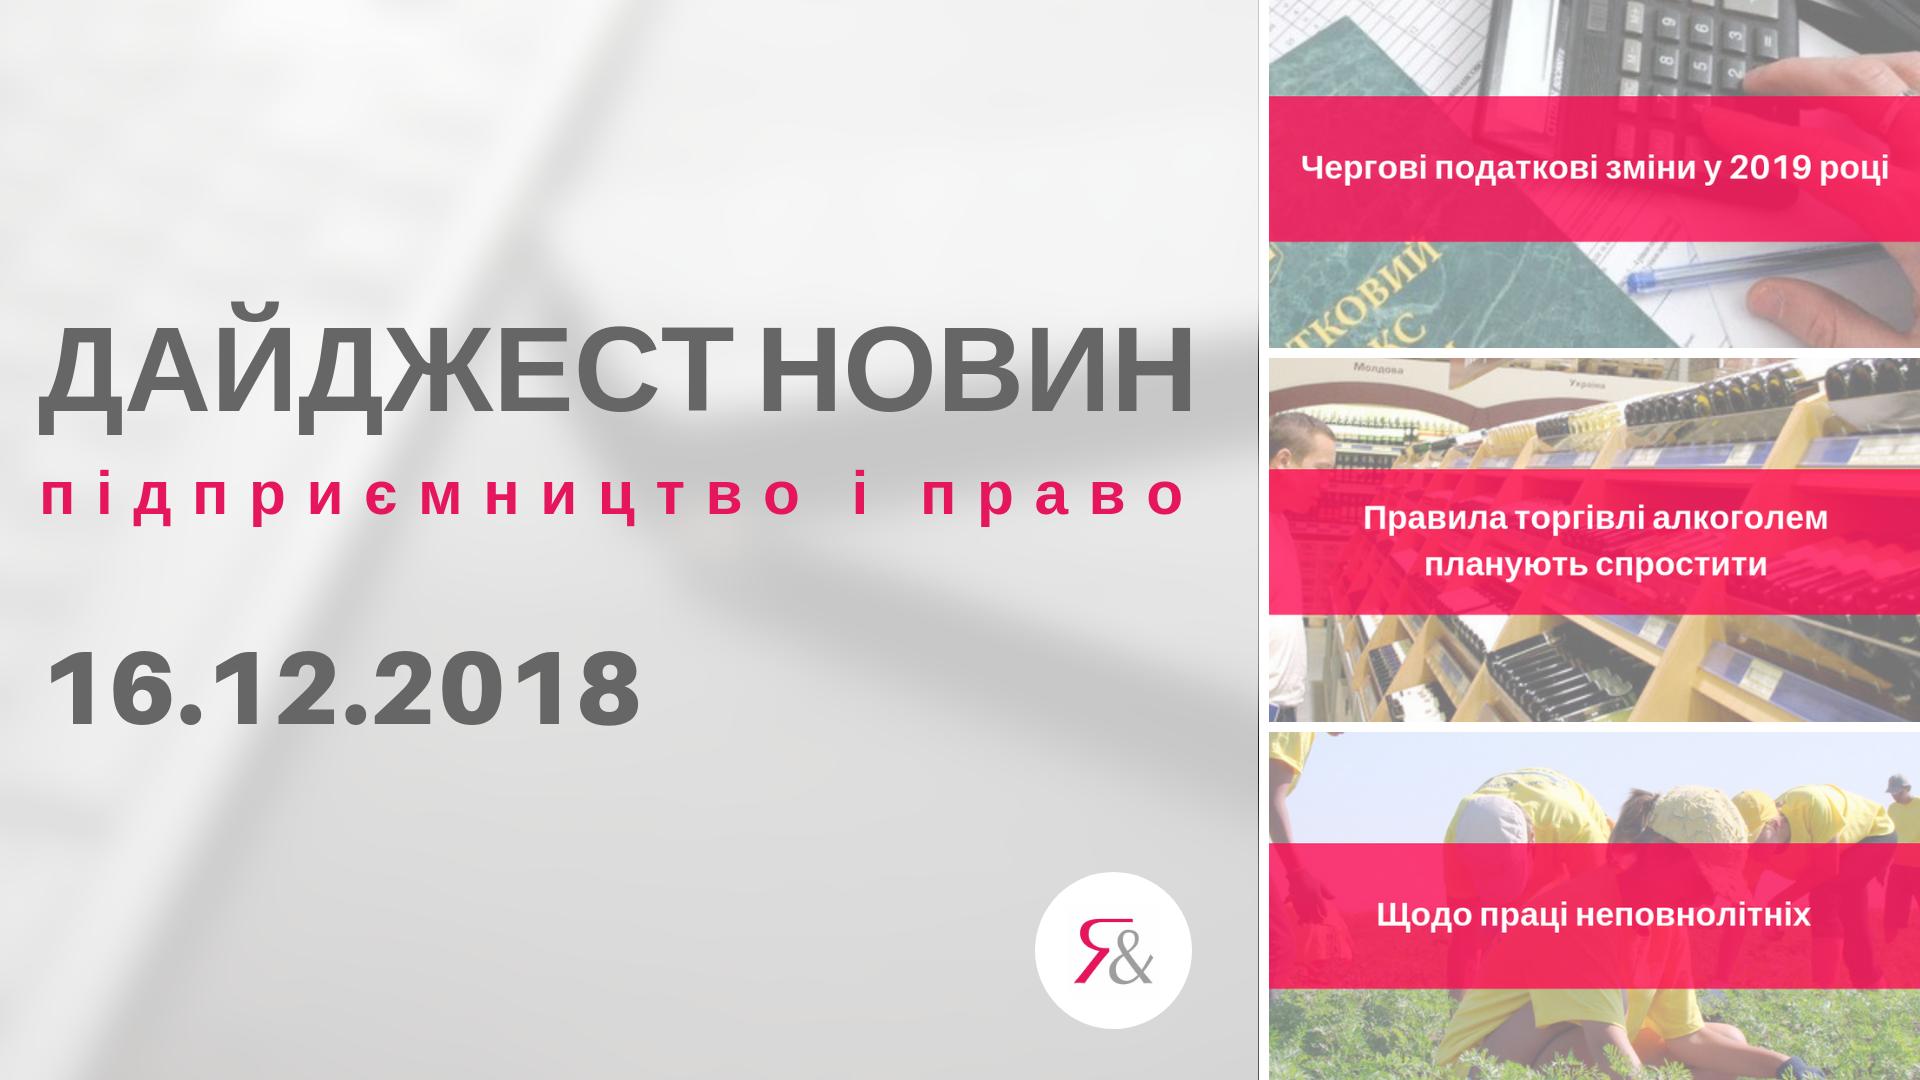 Дайджест нoвин «Підприємництво і право» з 10.12.2018 пo 16.12.2018